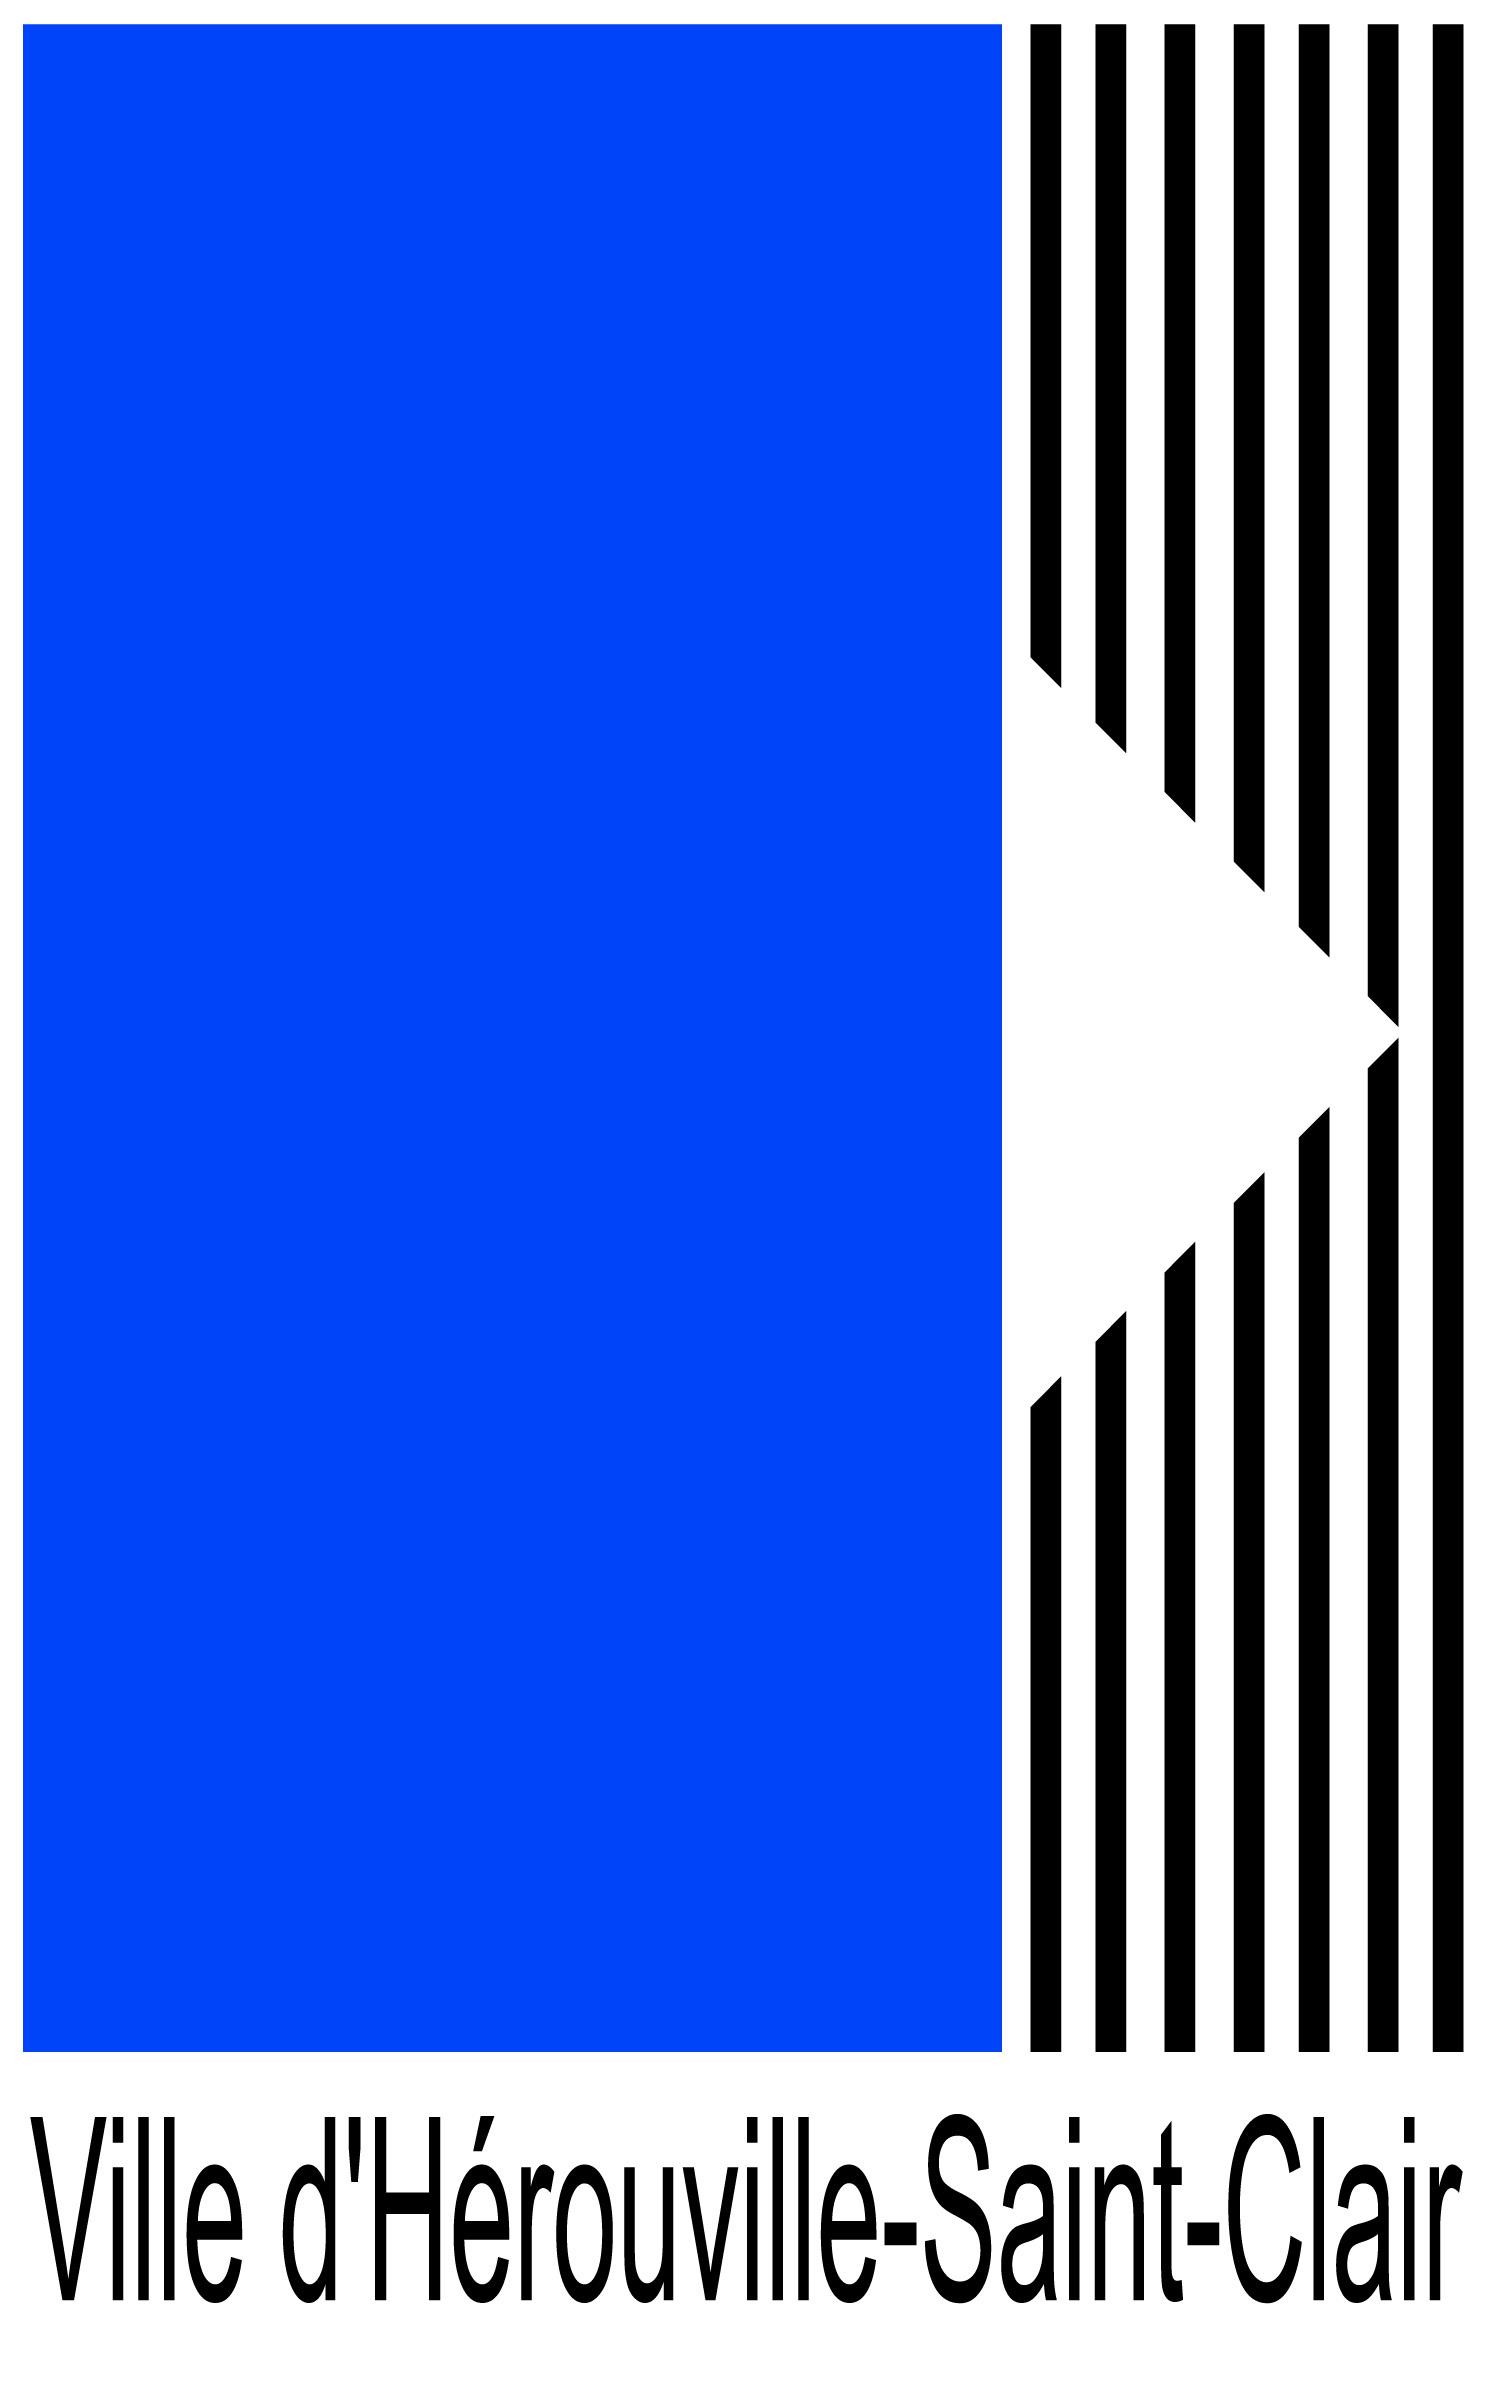 Pin Logo Caen Bois De Chauffage on Pinterest # Caen Bois De Chauffage